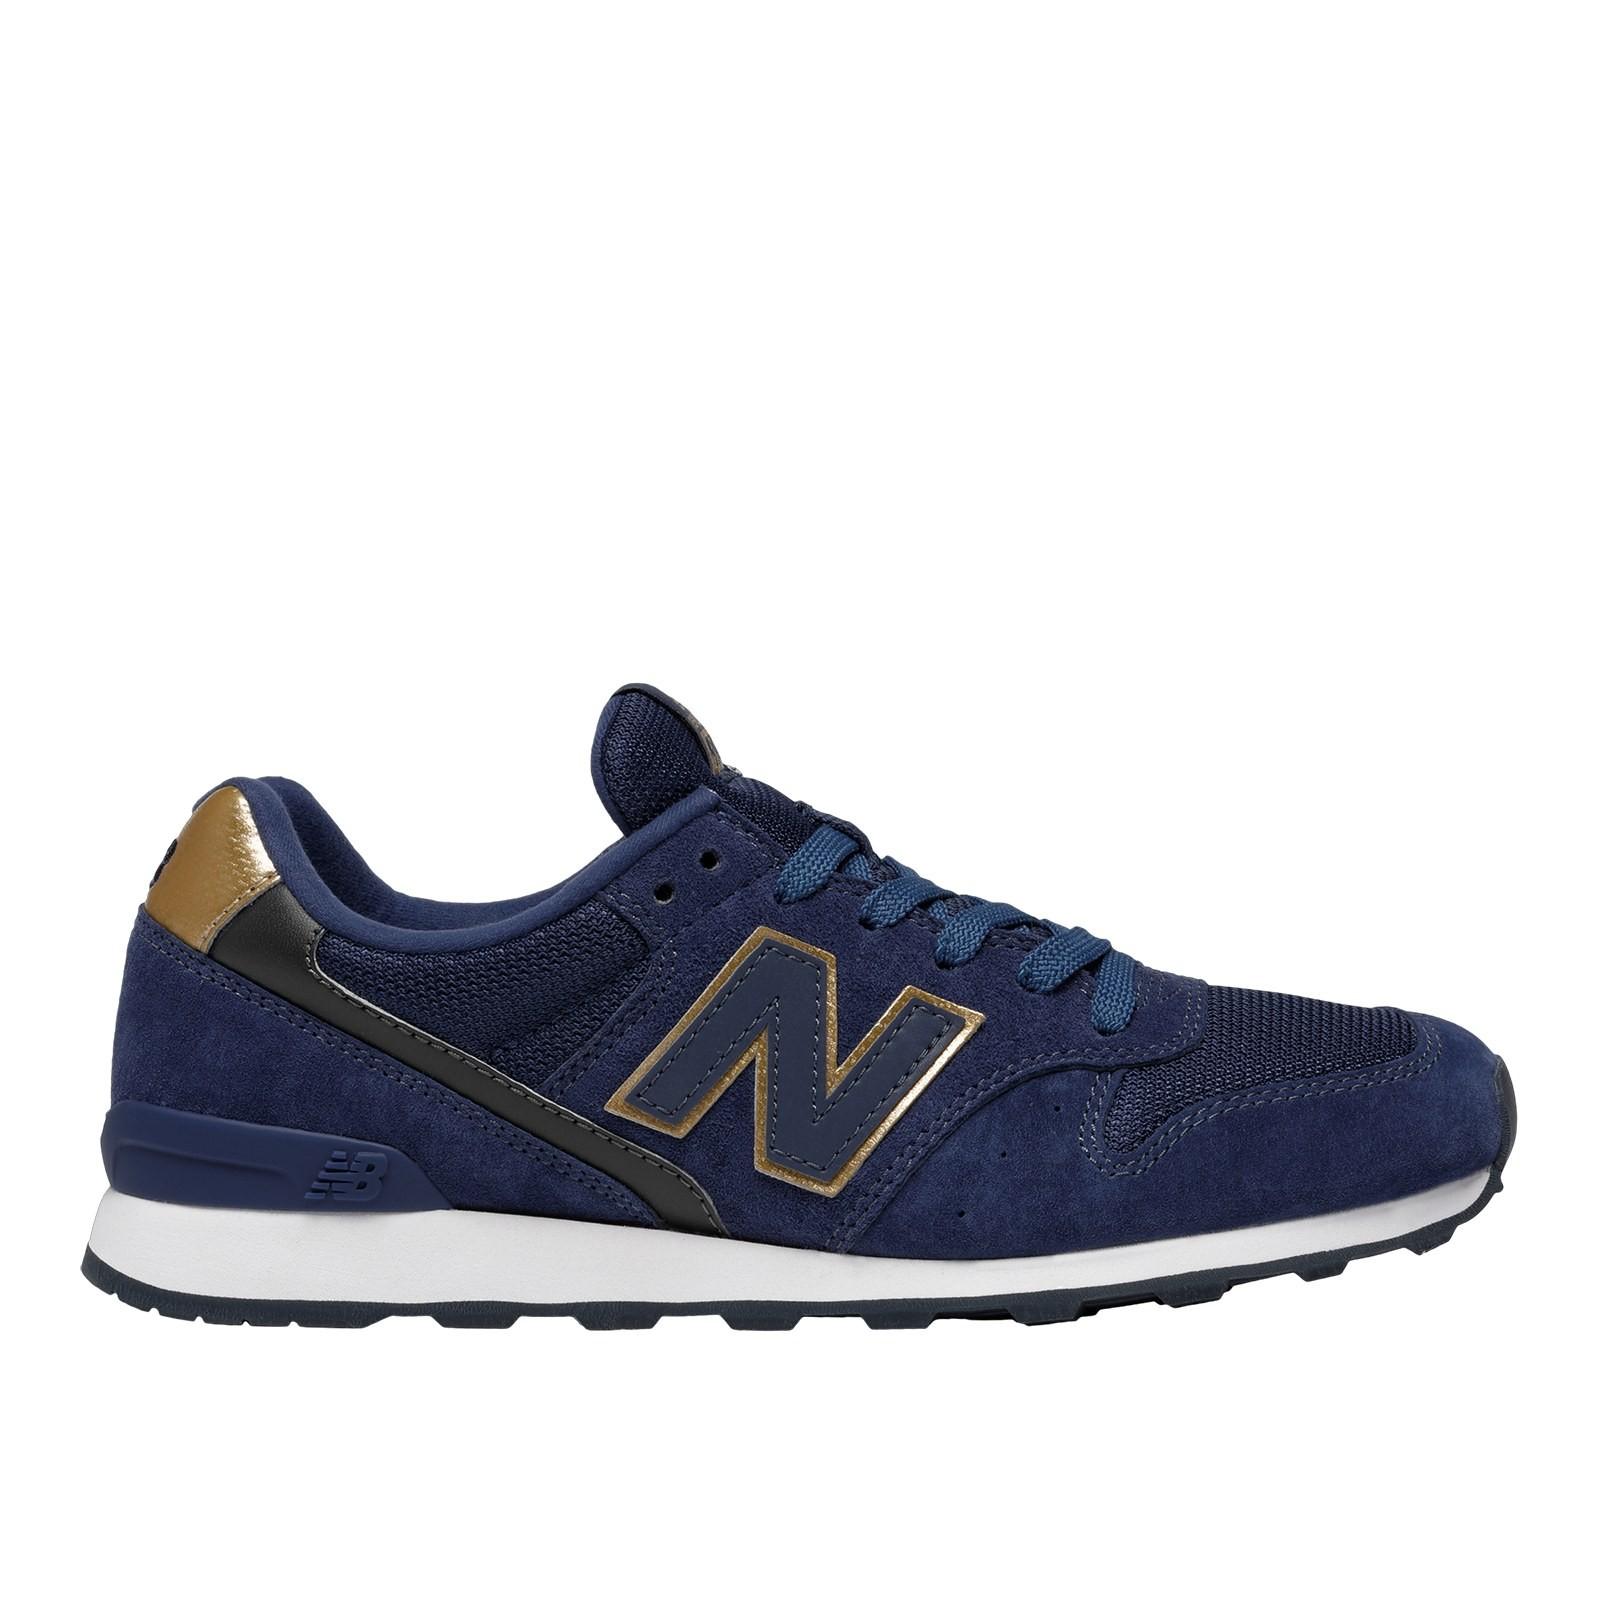 7921610233b Dámské boty New Balance WR996HC